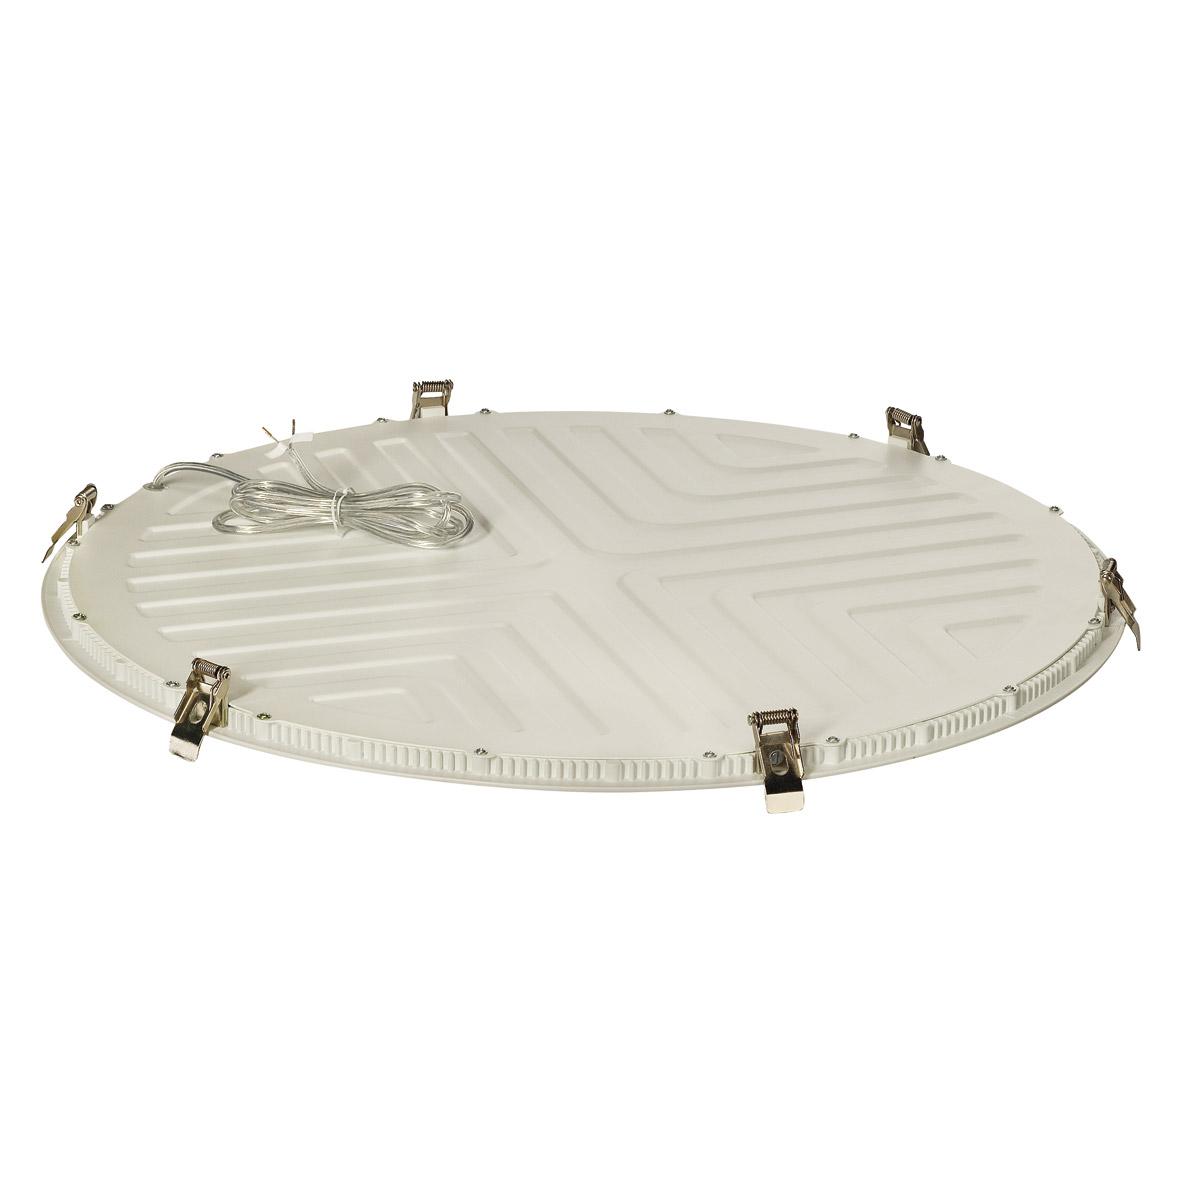 LED PANEL ROUND 60, 3000K, round, matt white